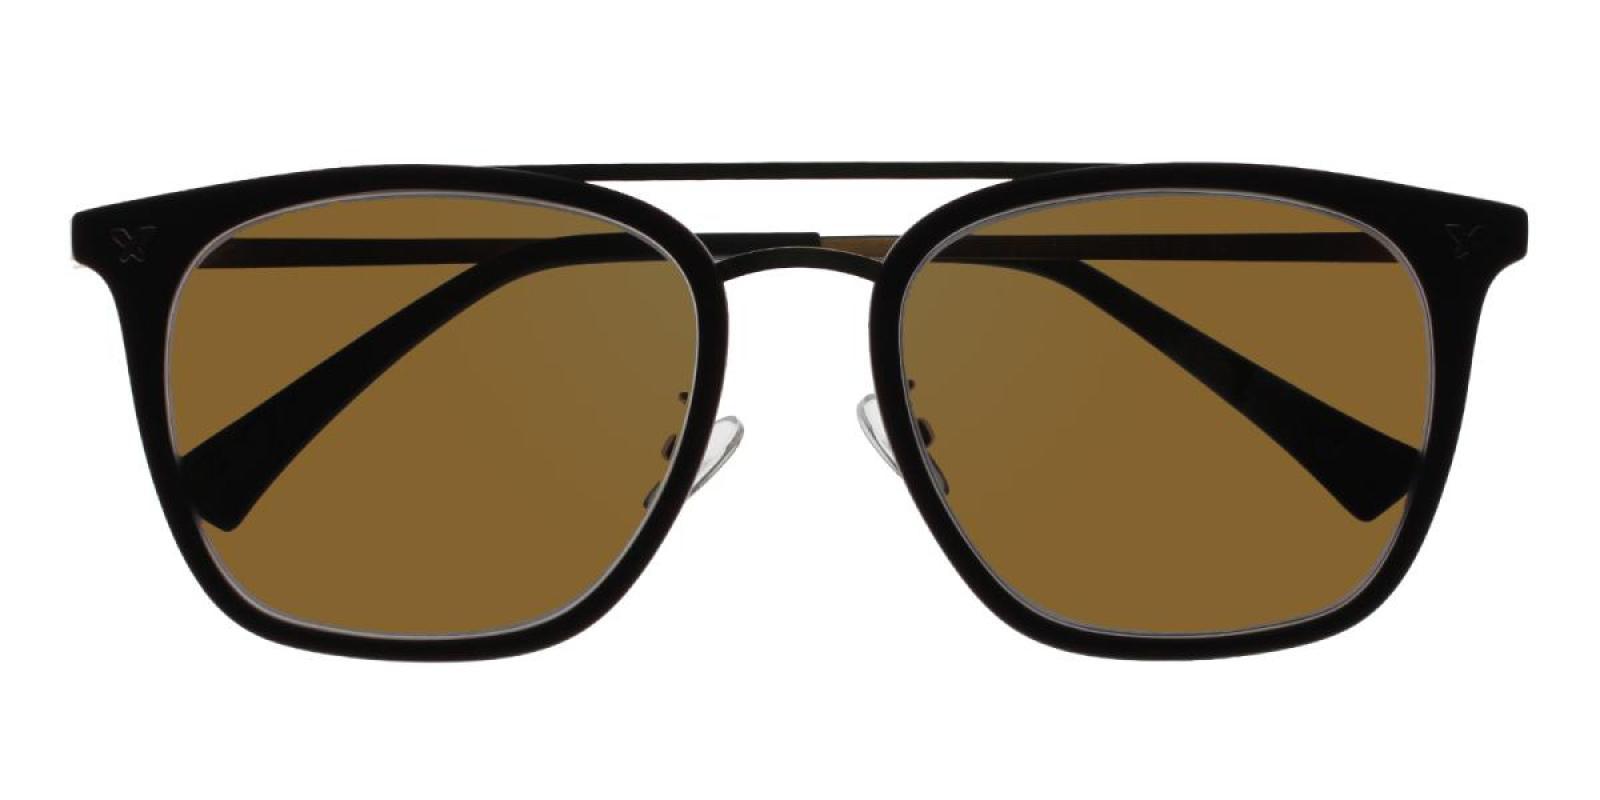 Seagual-Brown-Aviator-Metal / Combination / TR-Sunglasses-detail